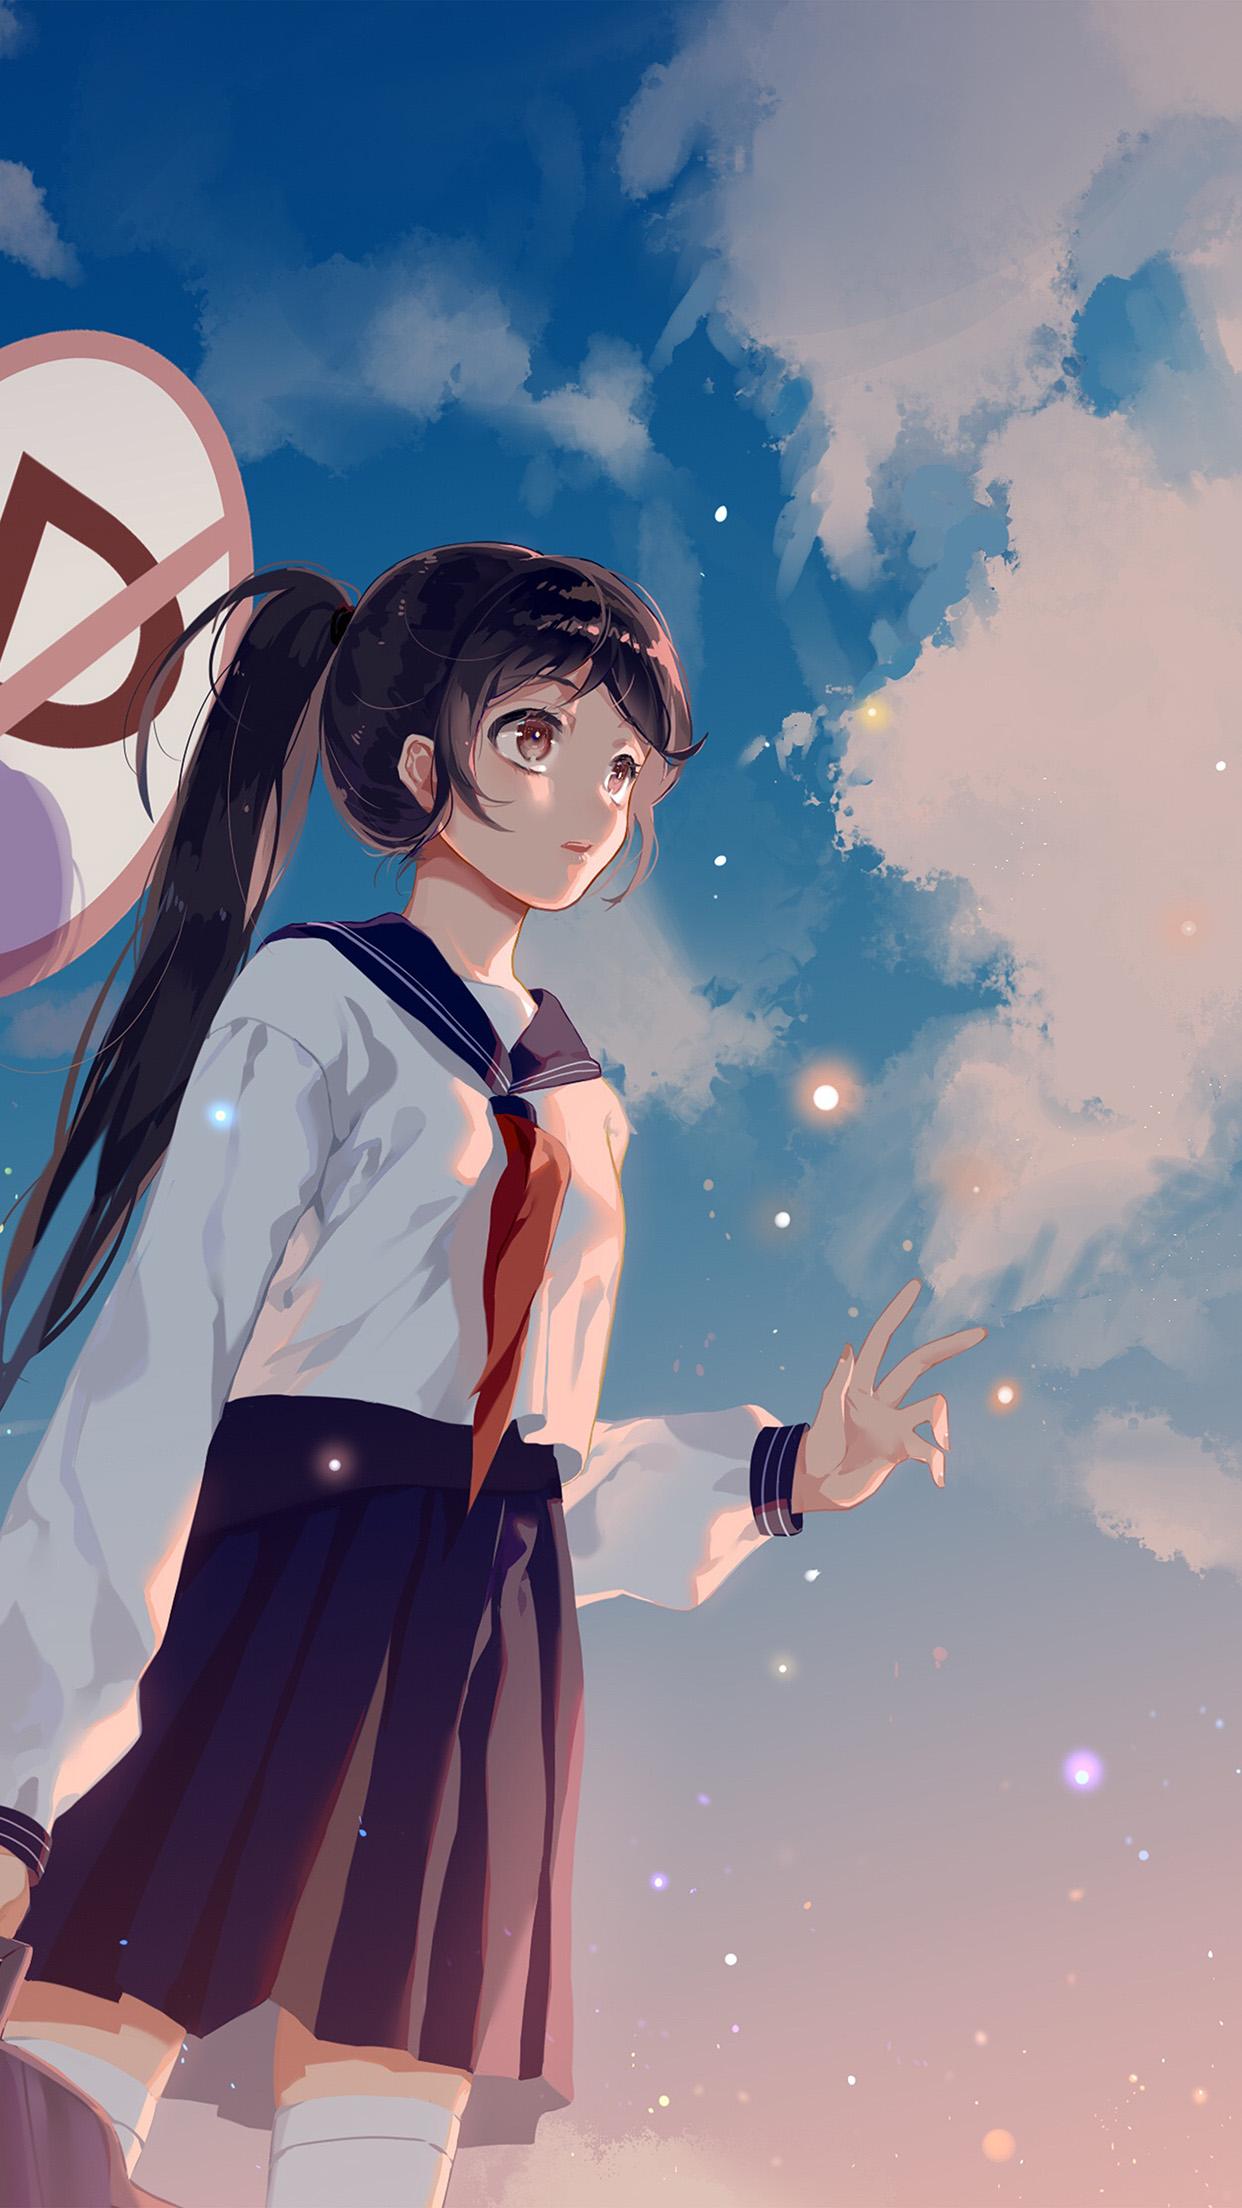 Wallpaper Girl Happy Bc66 Girl School Girl Anime Sky Cloud Star Art